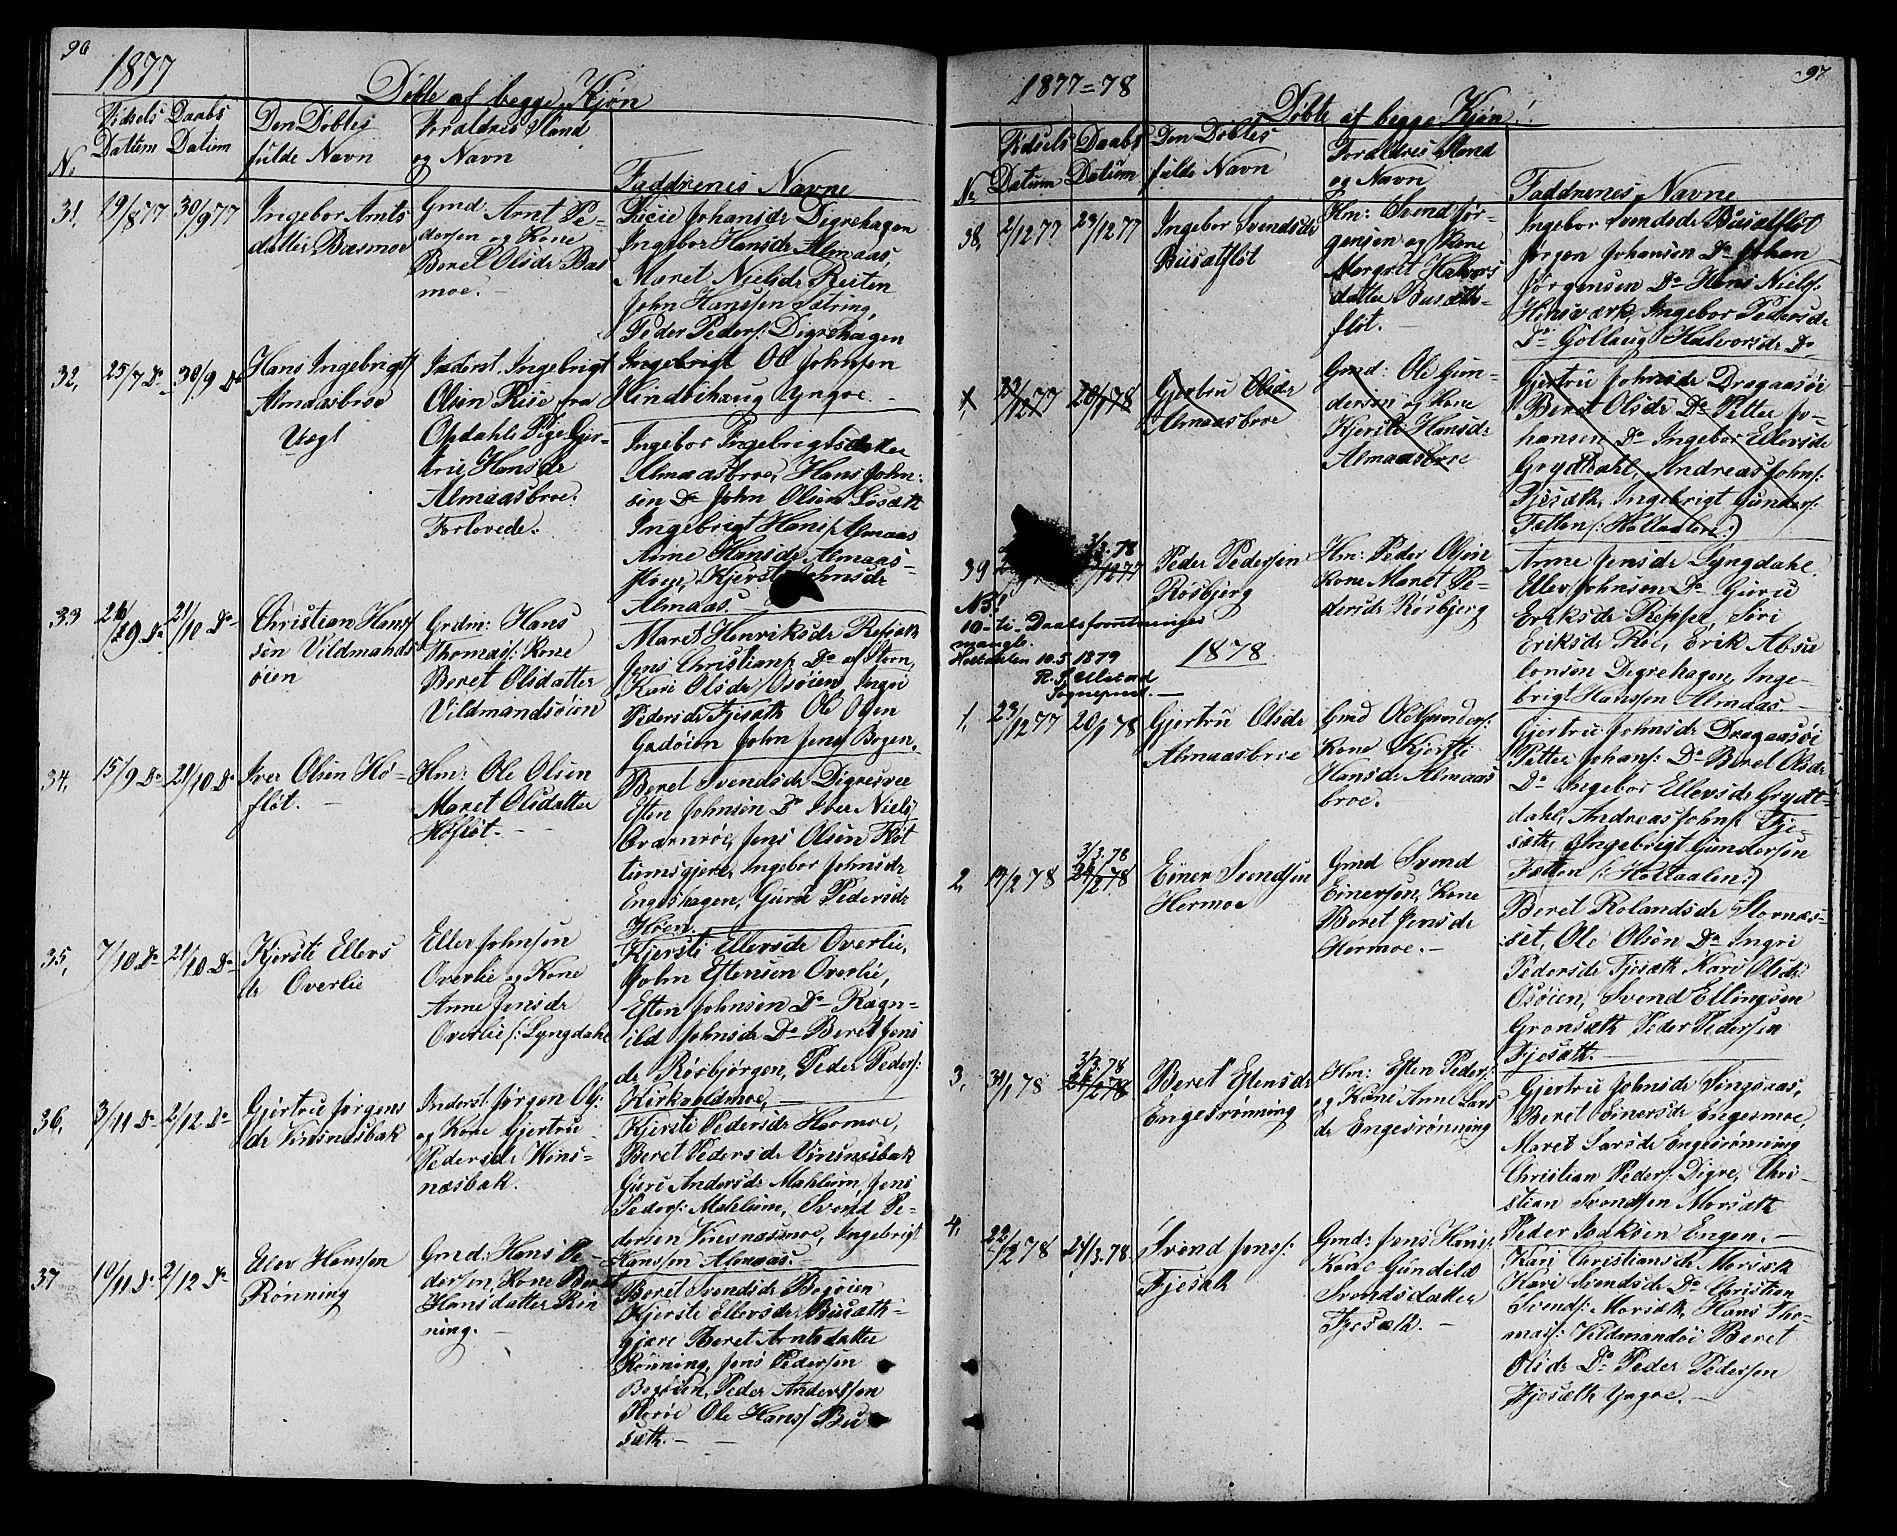 SAT, Ministerialprotokoller, klokkerbøker og fødselsregistre - Sør-Trøndelag, 688/L1027: Klokkerbok nr. 688C02, 1861-1889, s. 96-97